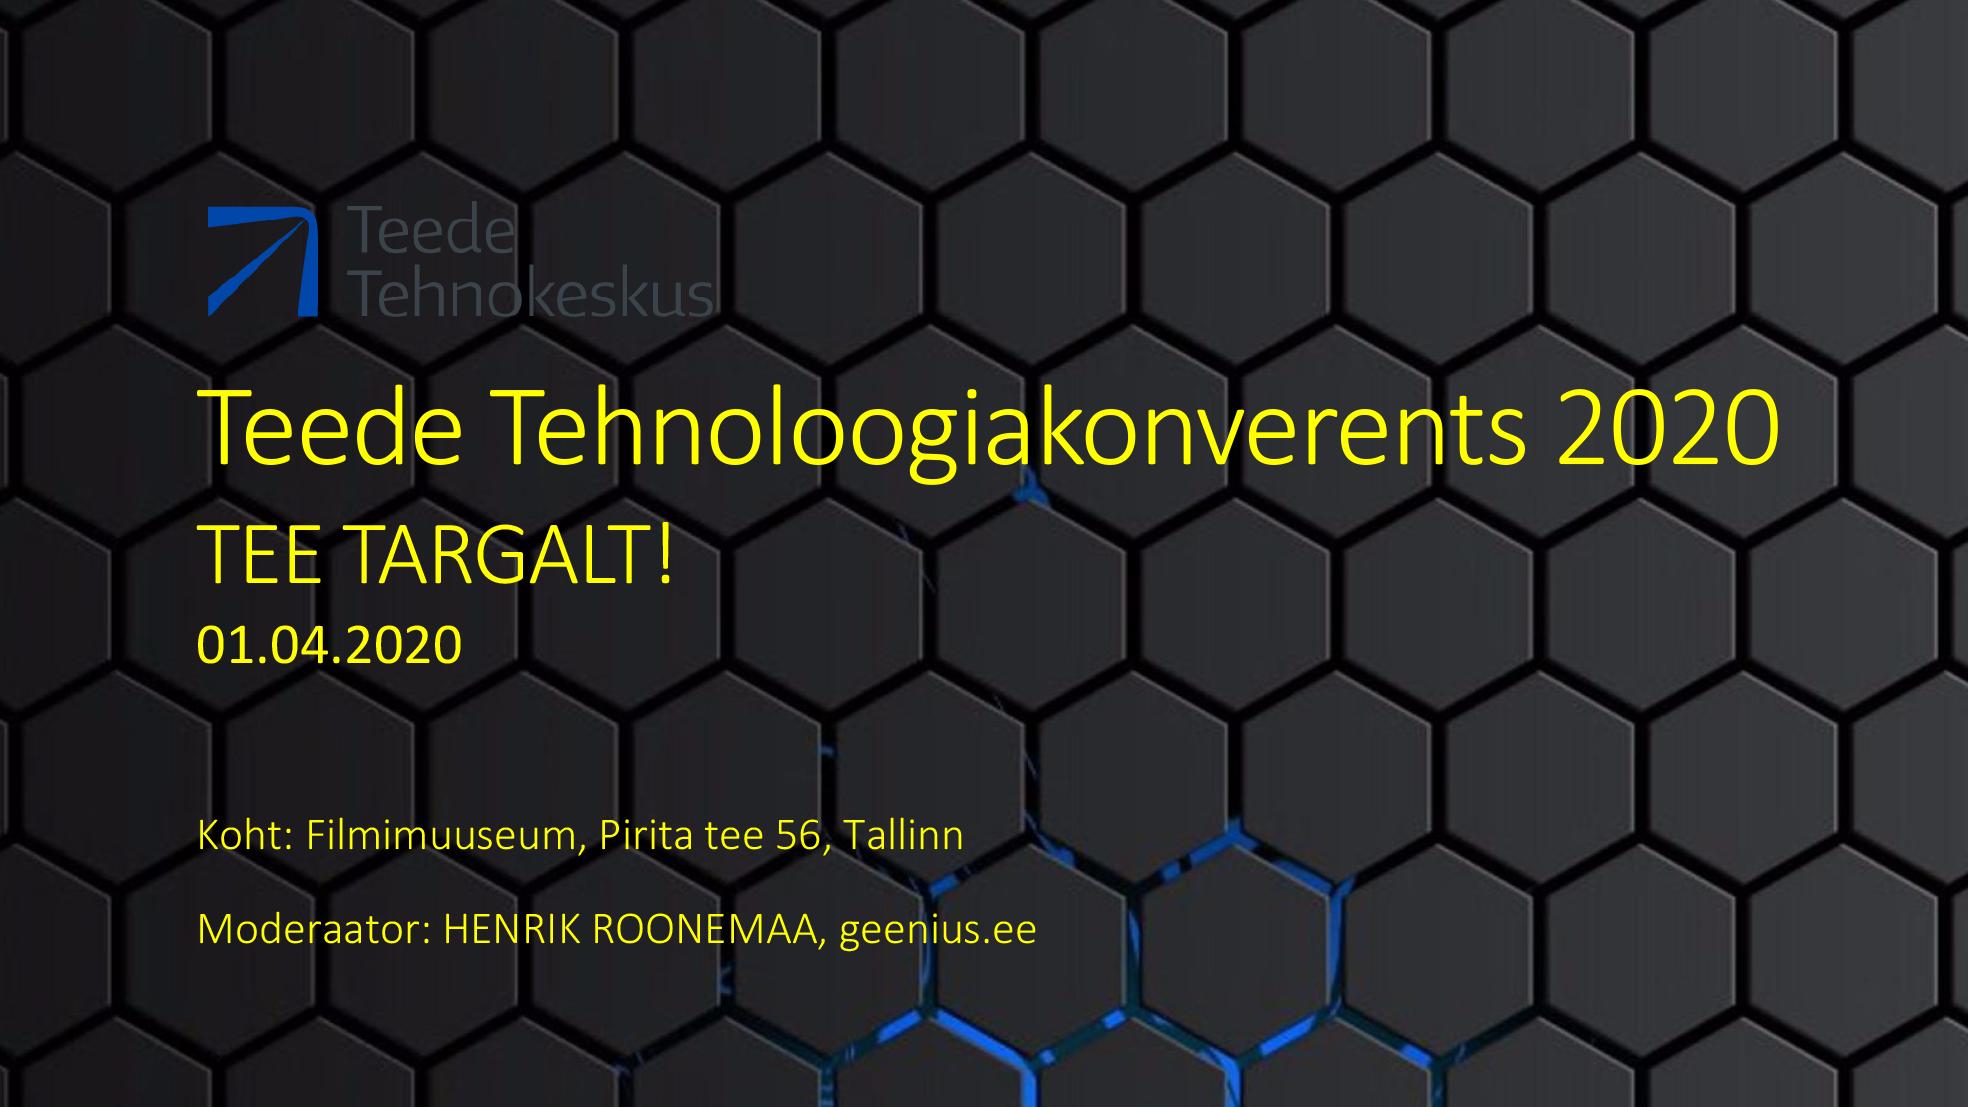 Teede Tehnoloogiakonverents 2020 – LÜKKUB EDASI!